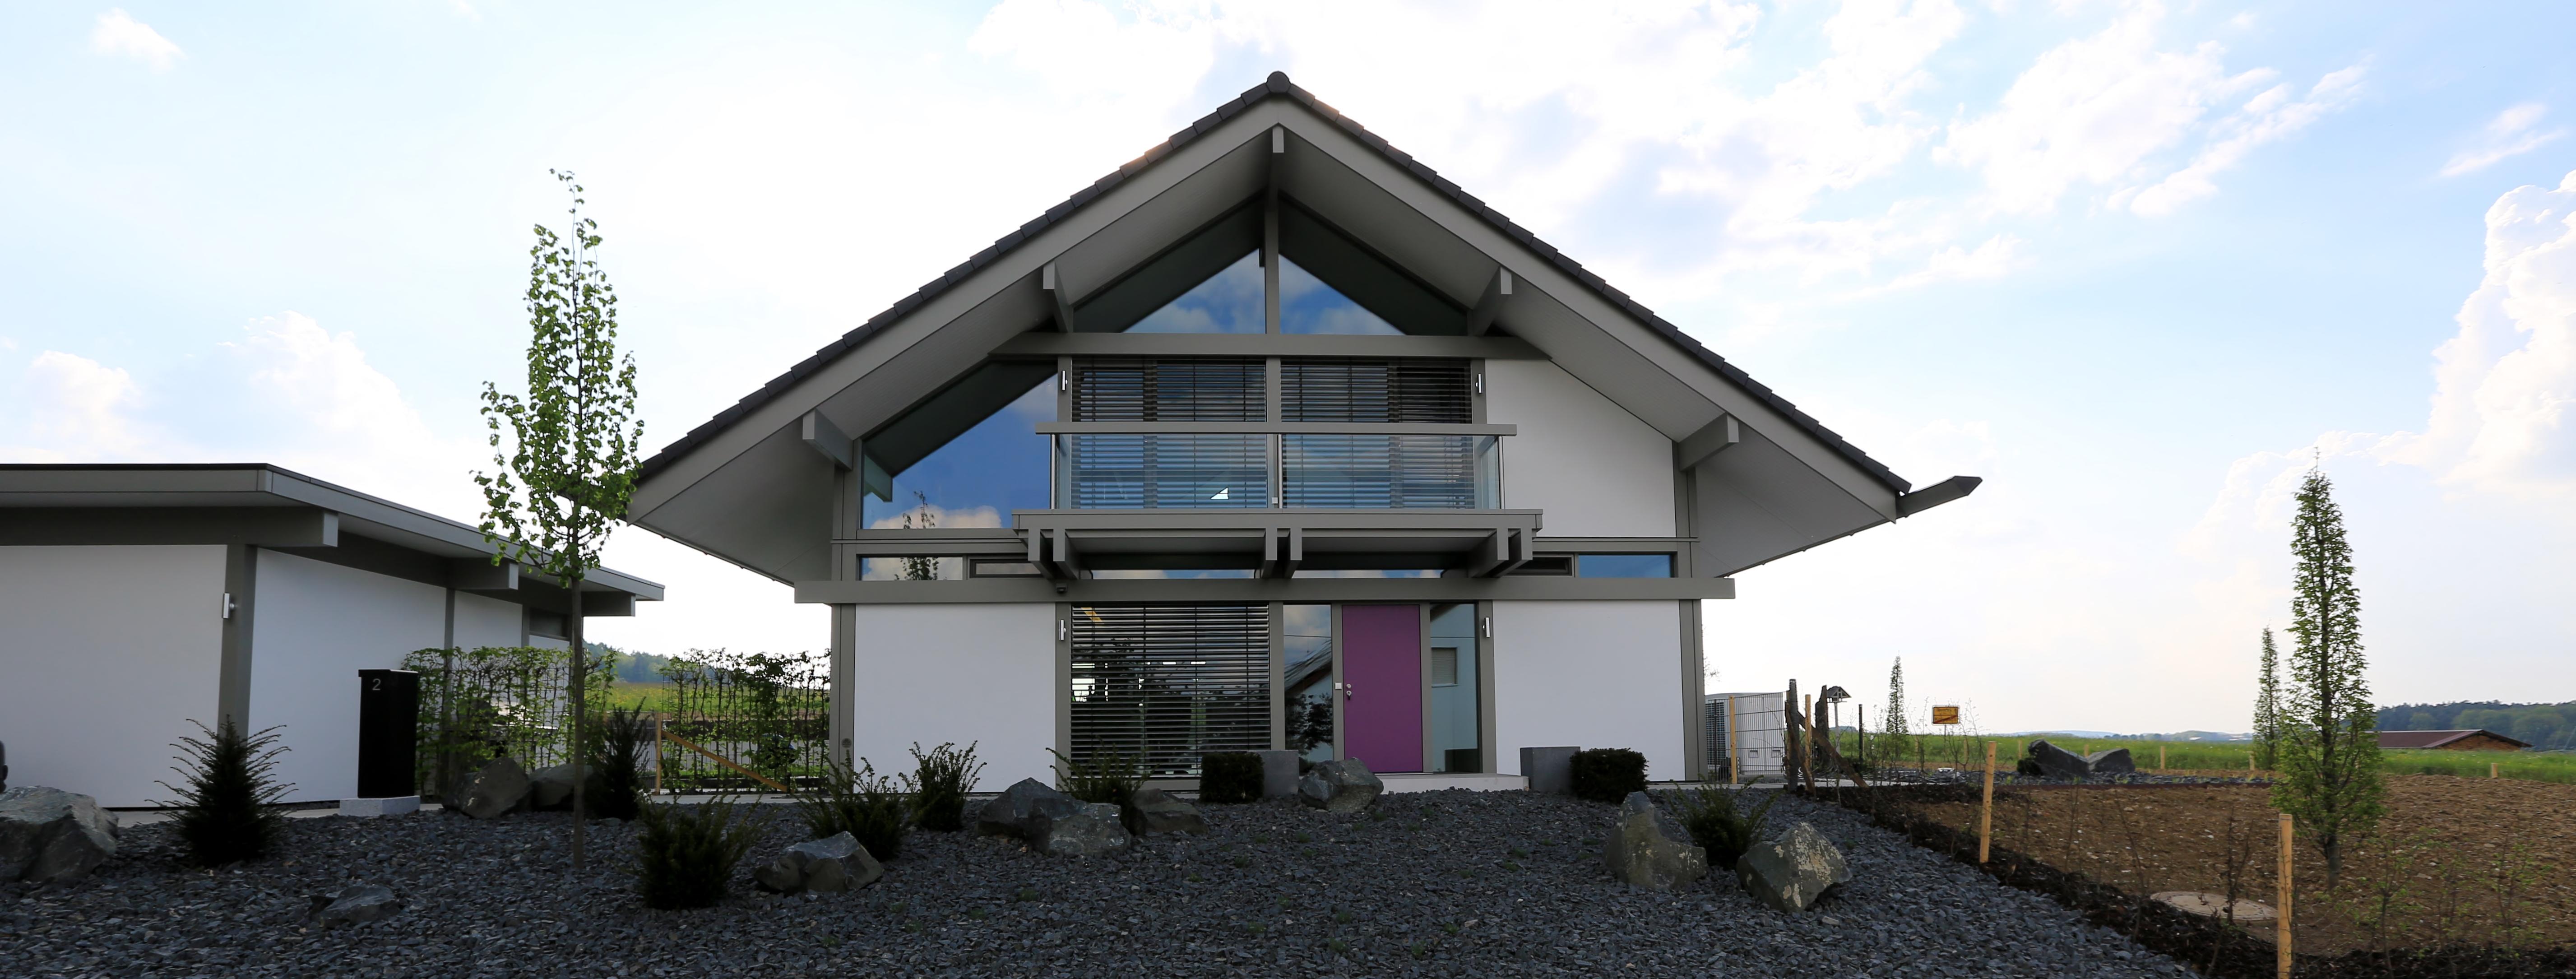 Bodenplatte modernes fachwerkhaus for Modernes fachwerkhaus